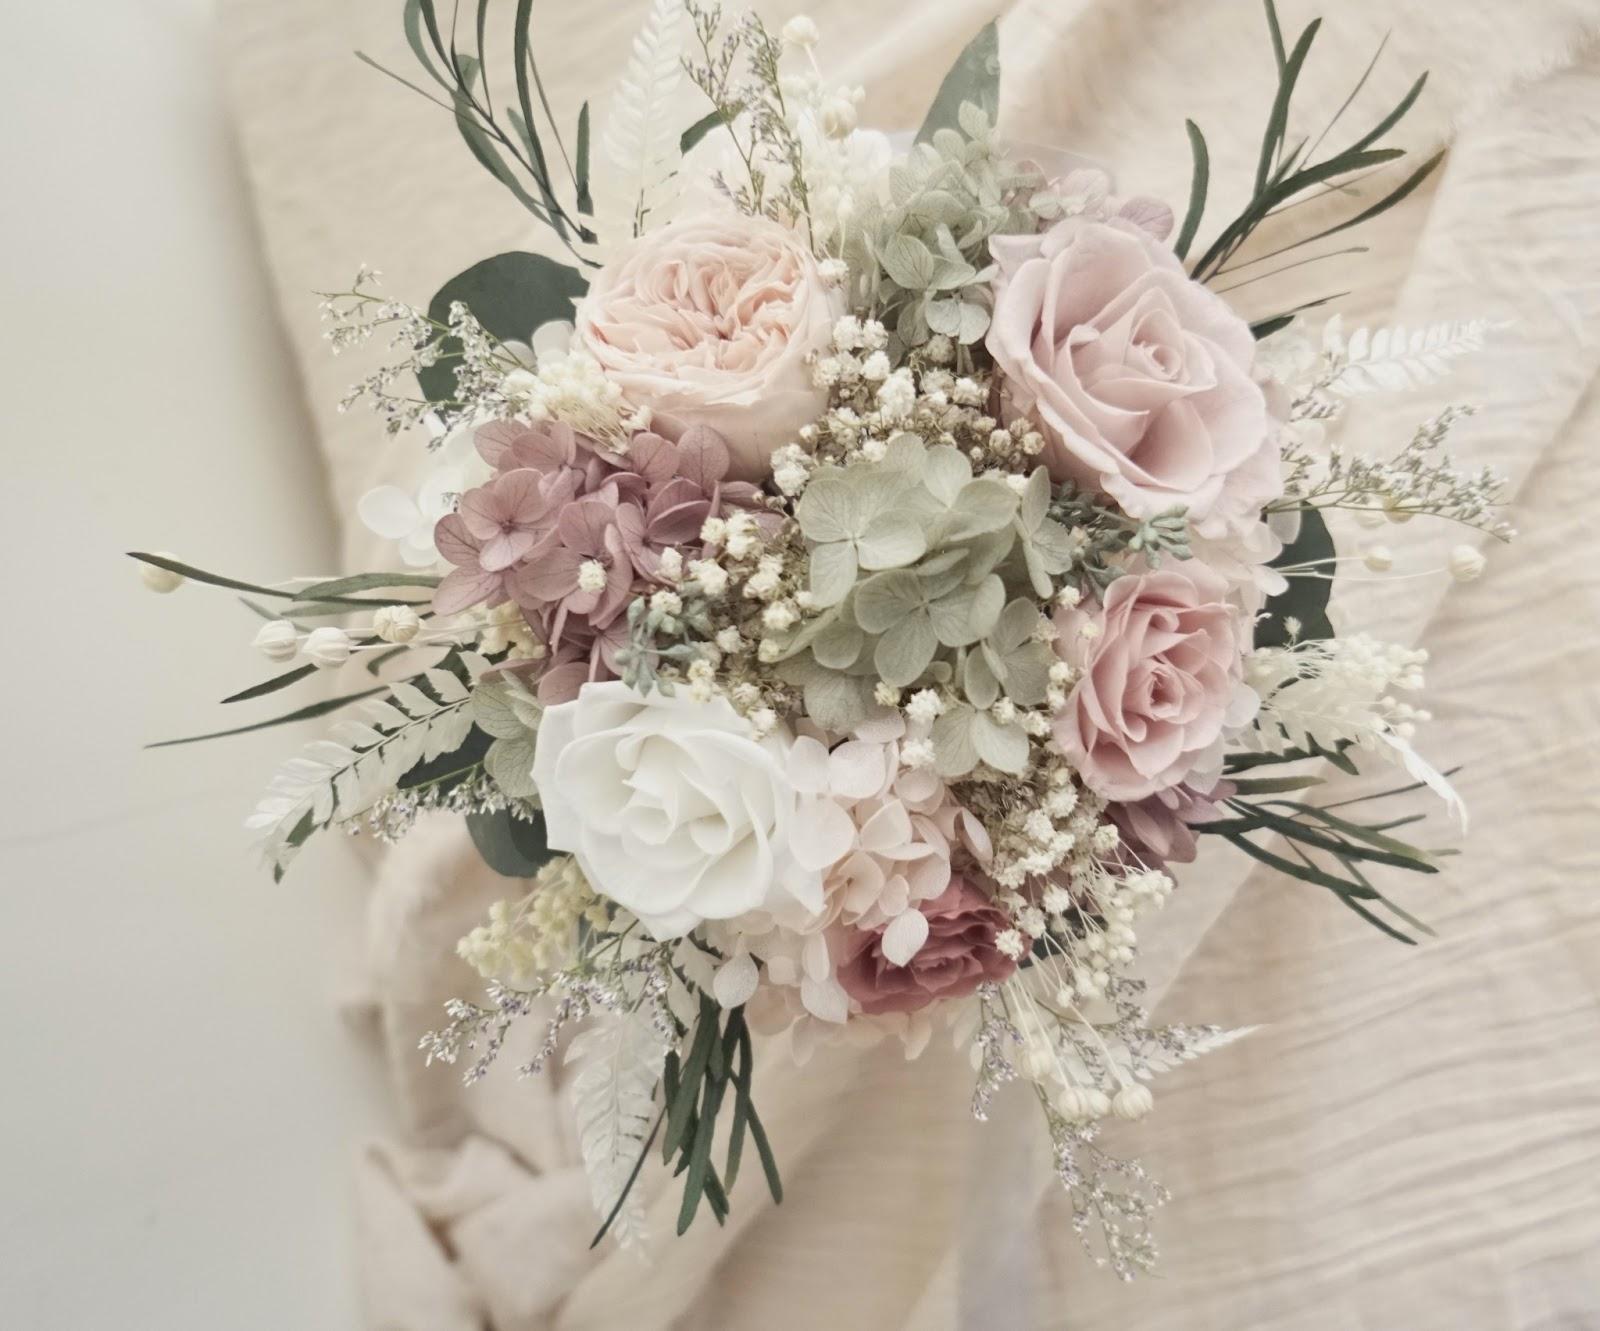 籌備婚禮 婚禮小物推薦 訂製婚禮小物 價位 預算 捧花禮